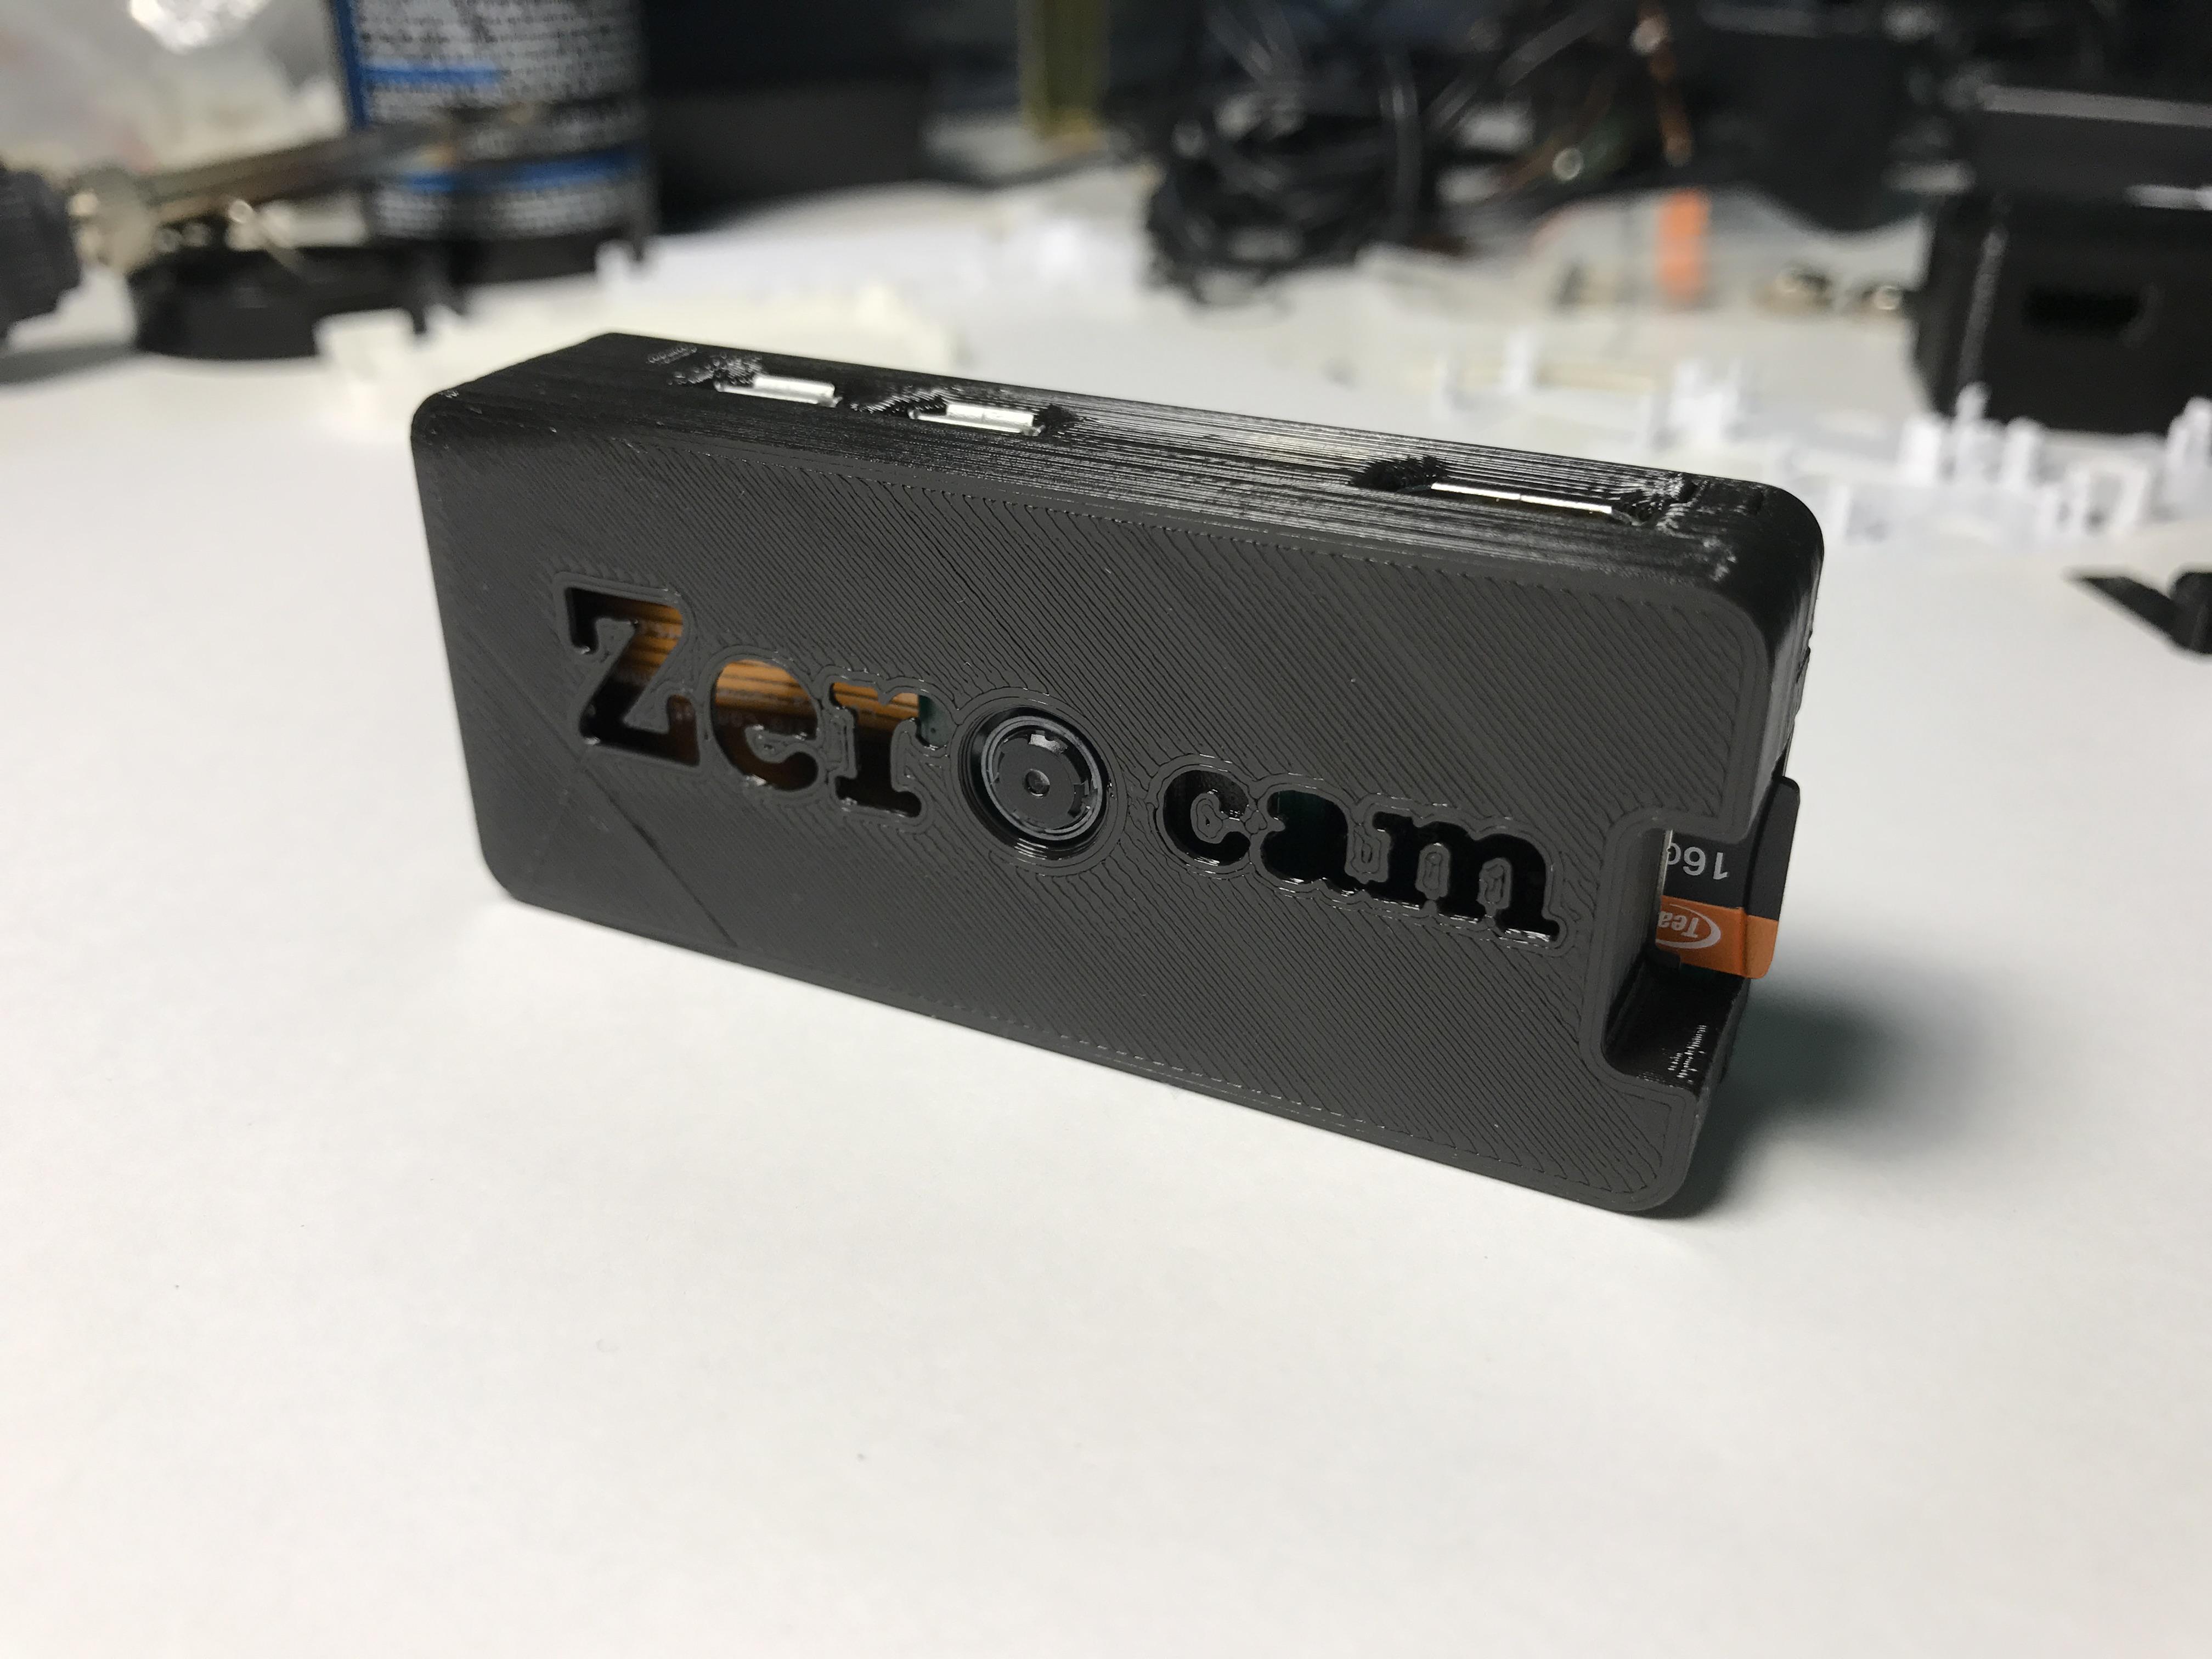 Raspberry Pi Zero camera case